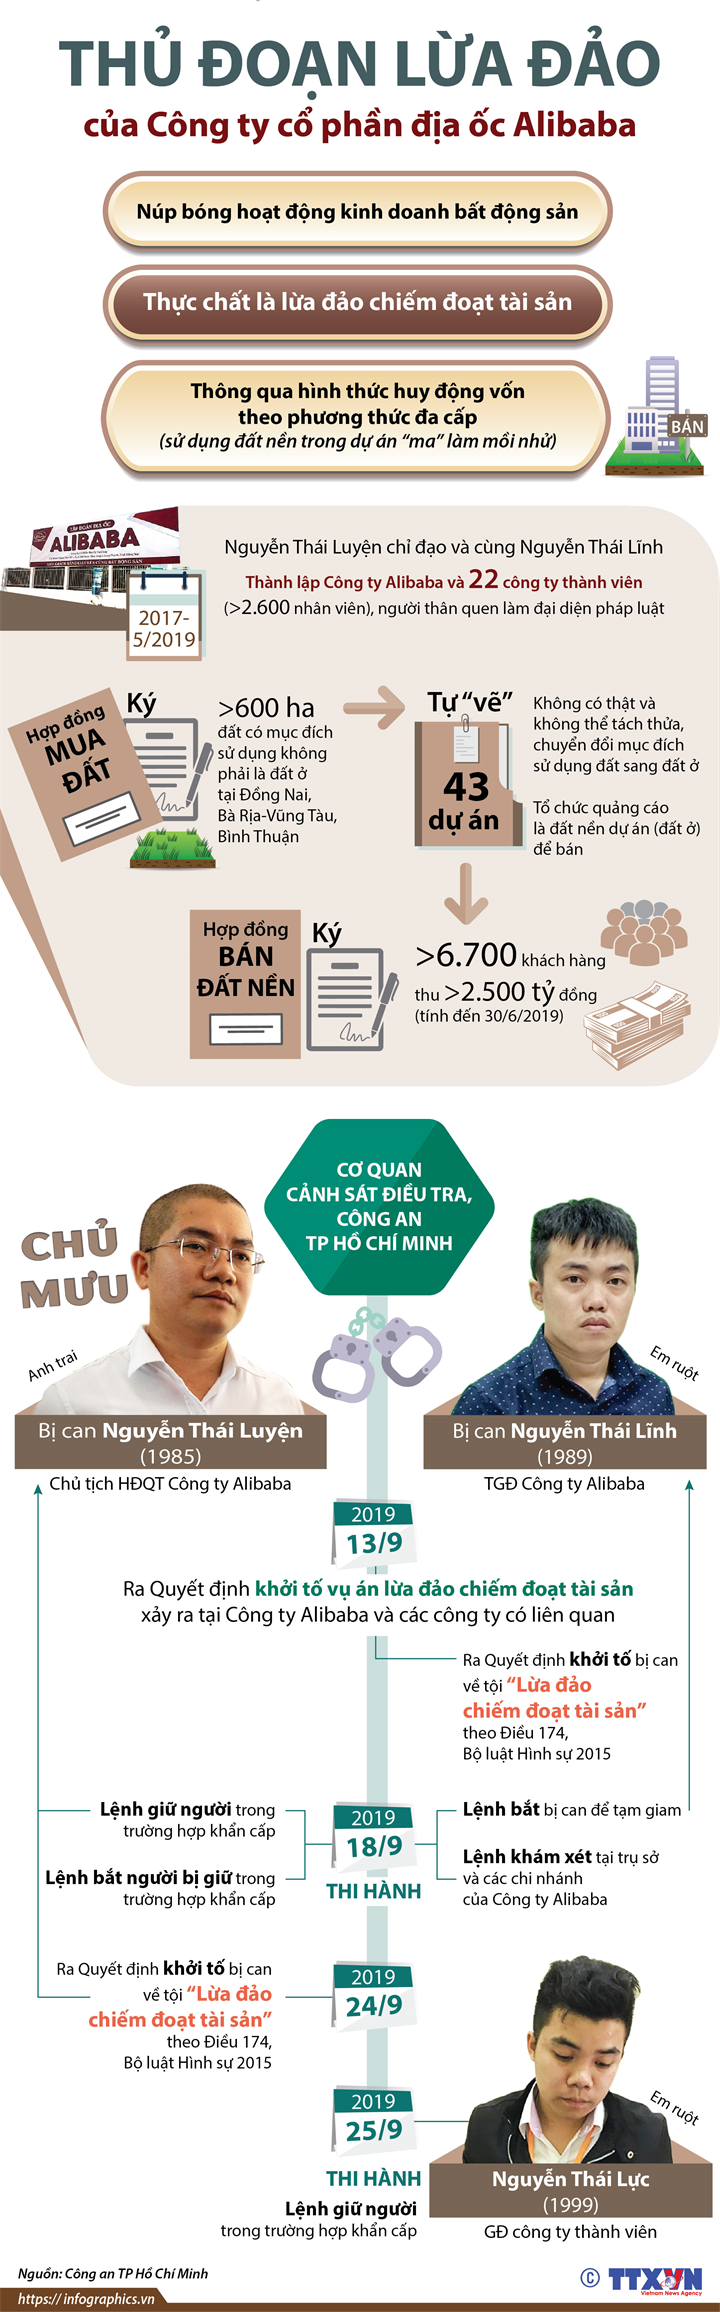 Thủ đoạn lừa đảo của Công ty cổ phần địa ốc Alibaba